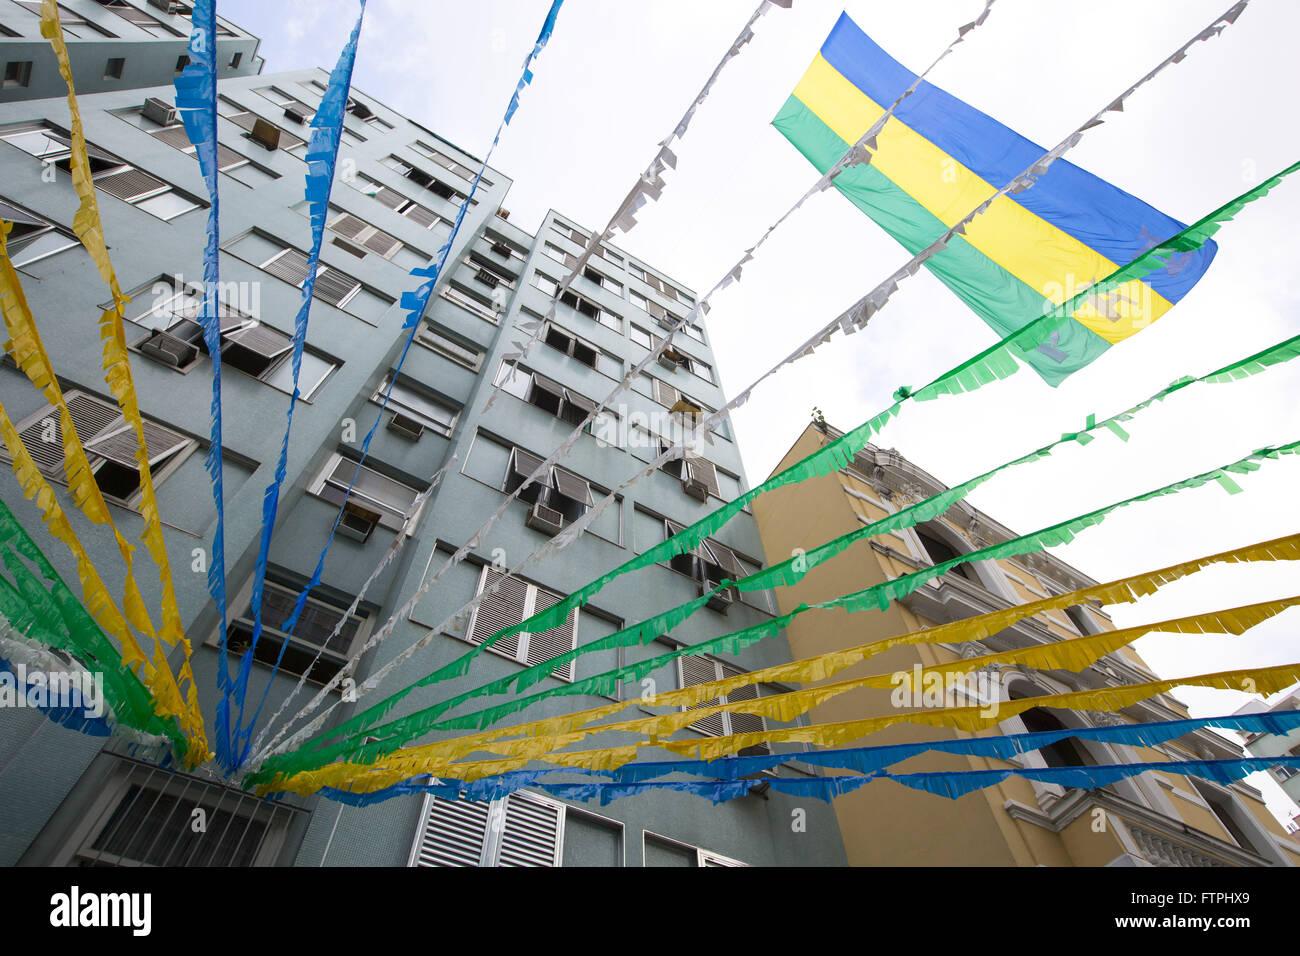 Rua Correia Dutra adornata con i colori della bandiera del Brasile per la Coppa del Mondo 2014 Immagini Stock